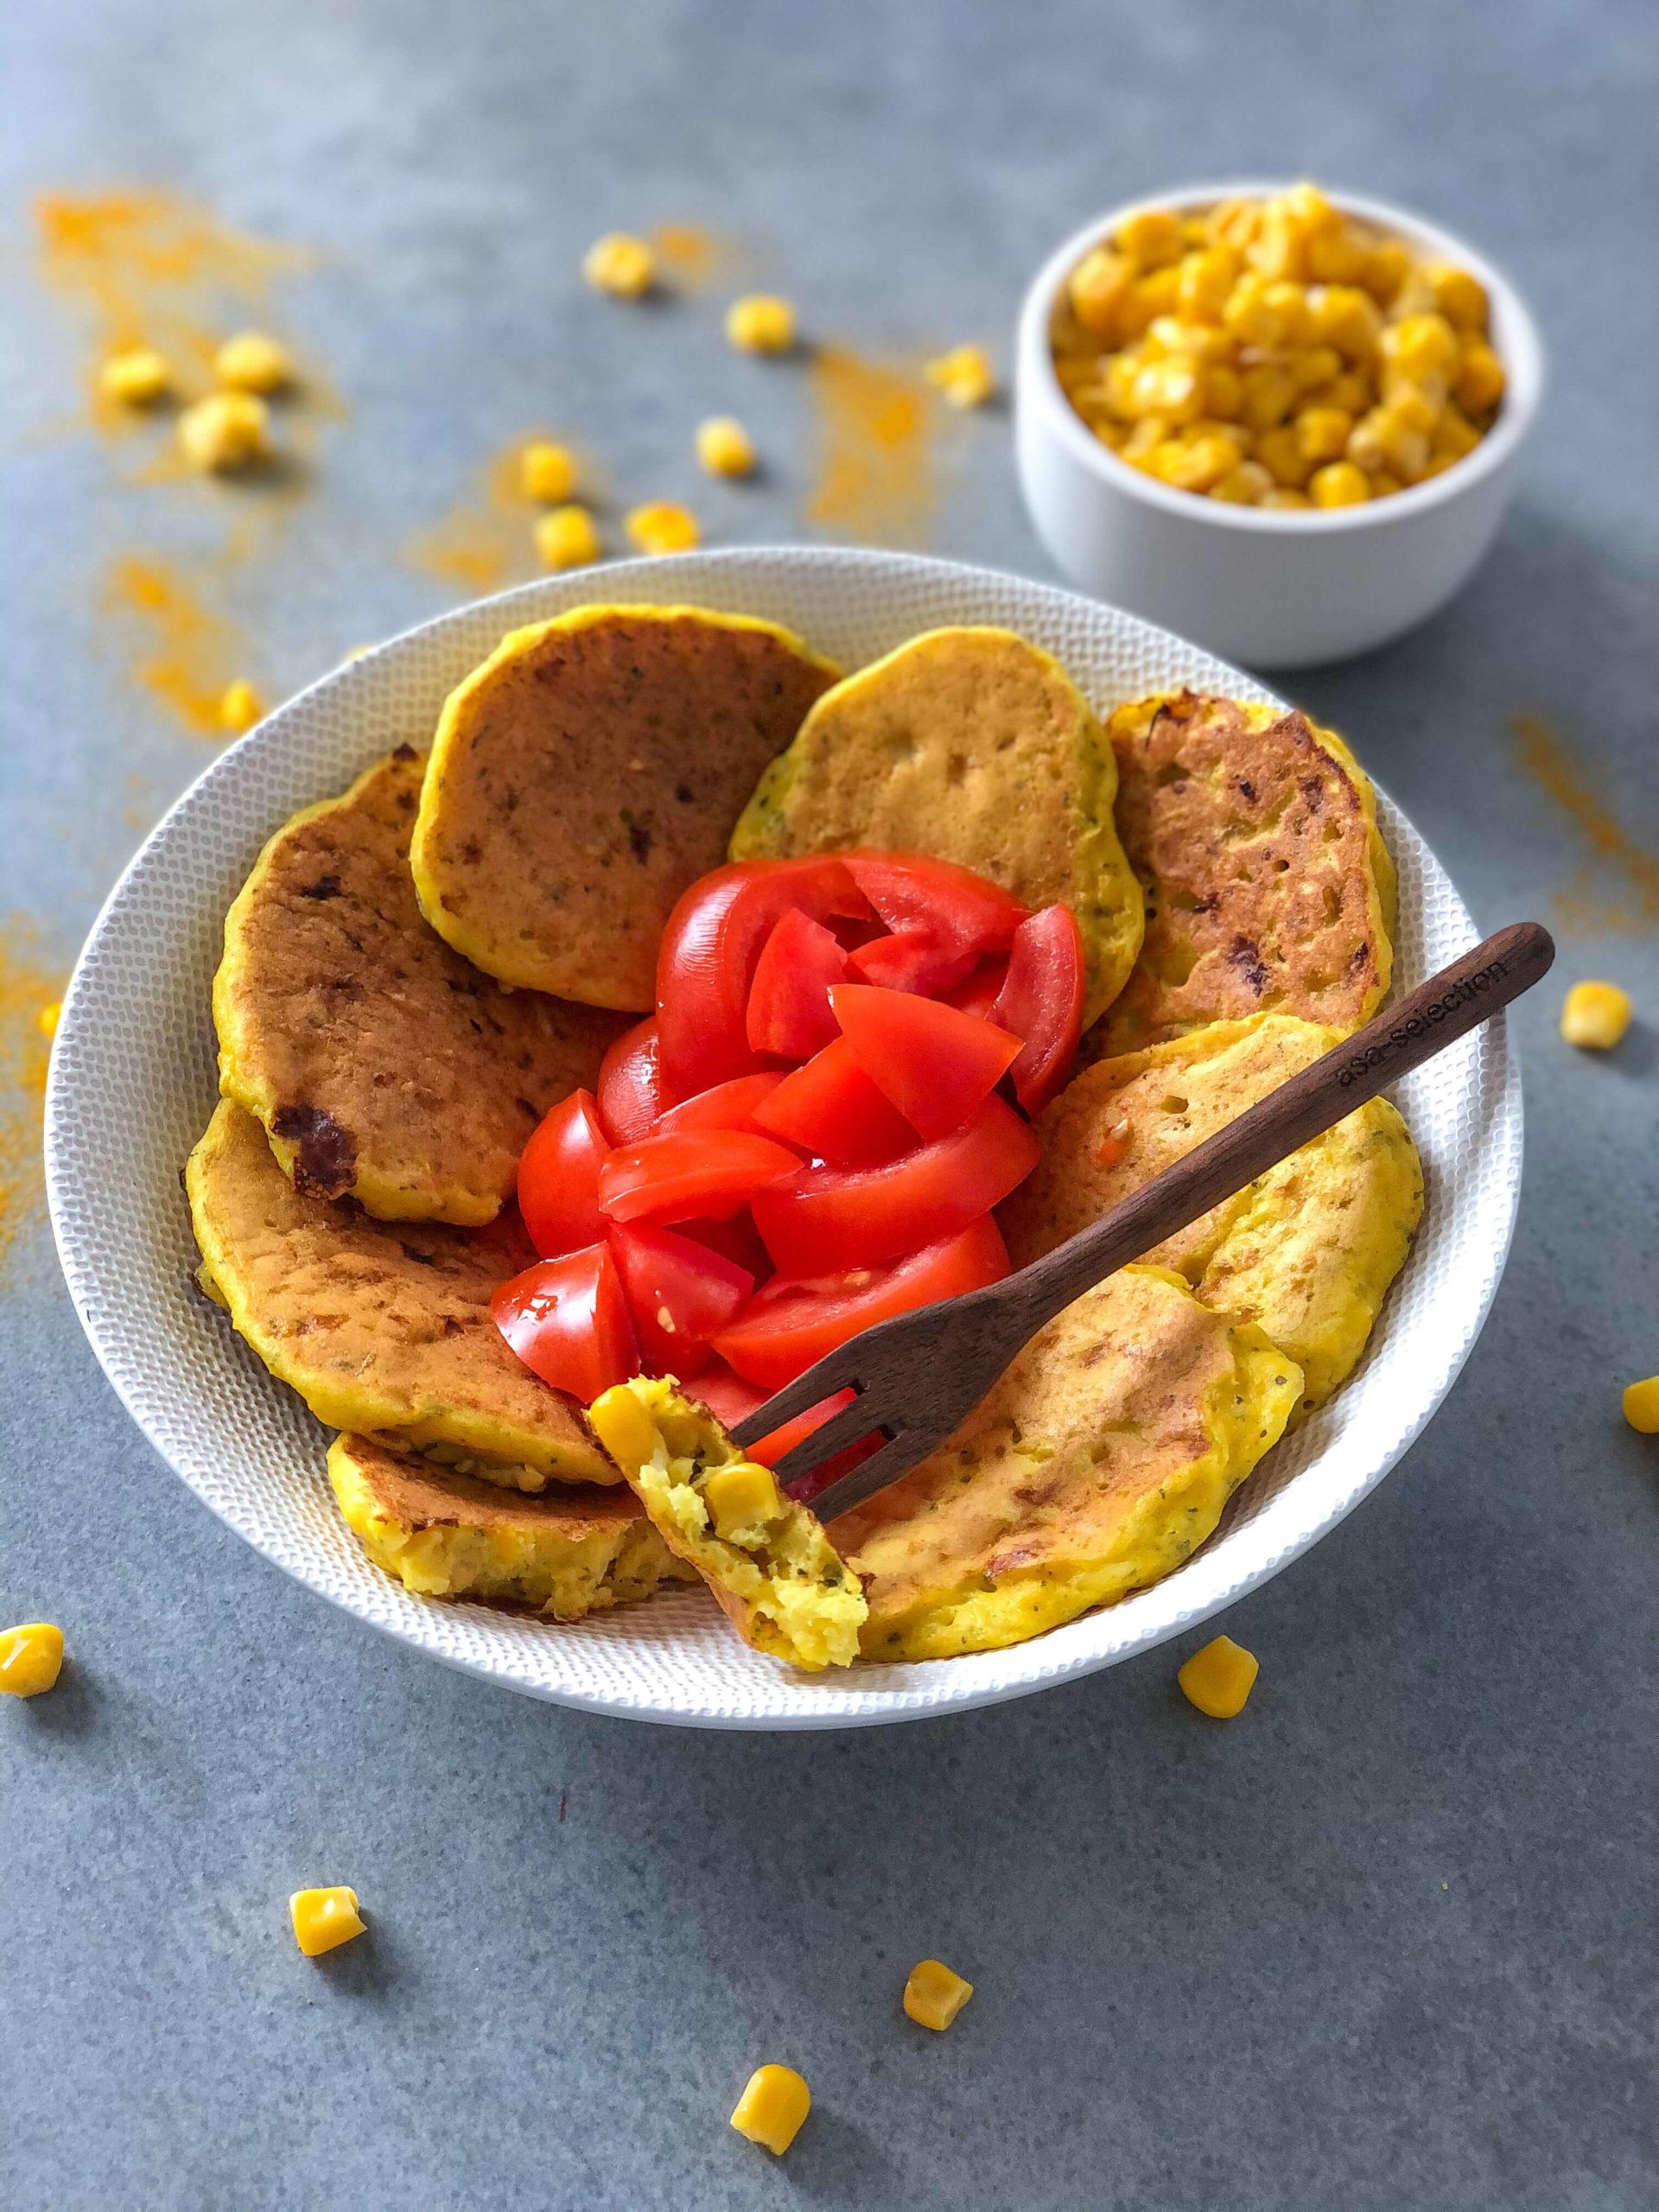 Przepis na zdrowe śniadanie: placuszki z kukurydzy i serka wiejskiego